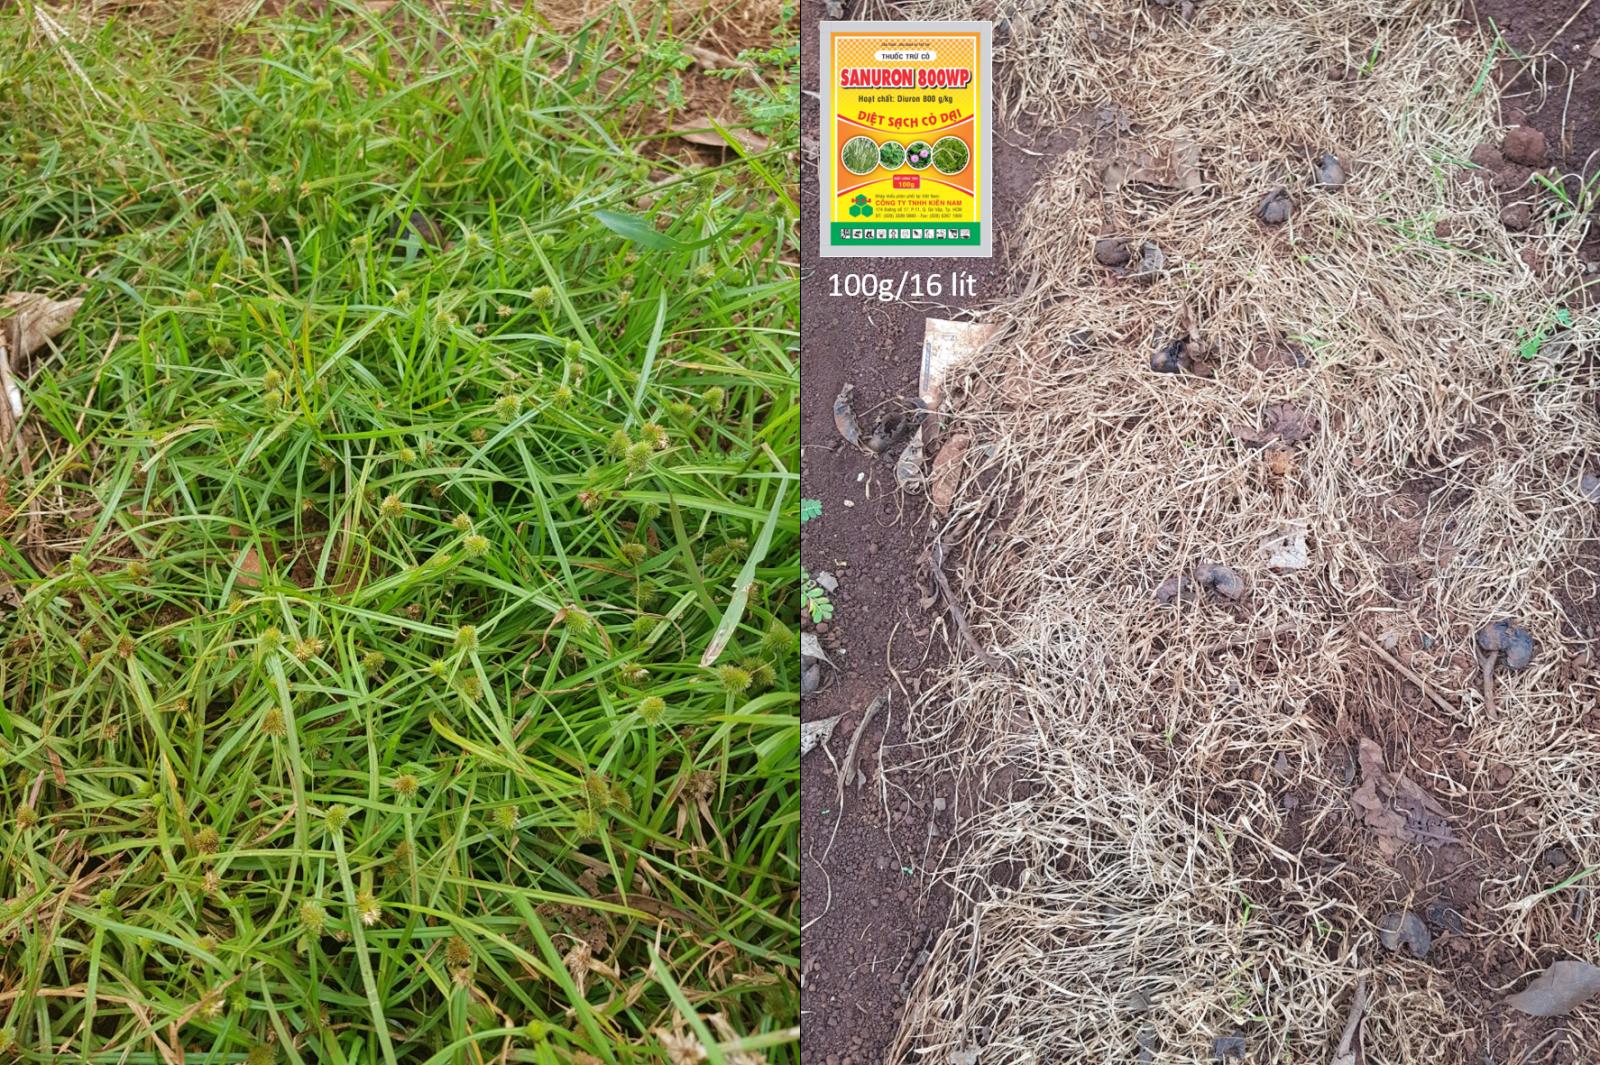 Sanuron 800WP cỏ chát, cỏ đầu rìu